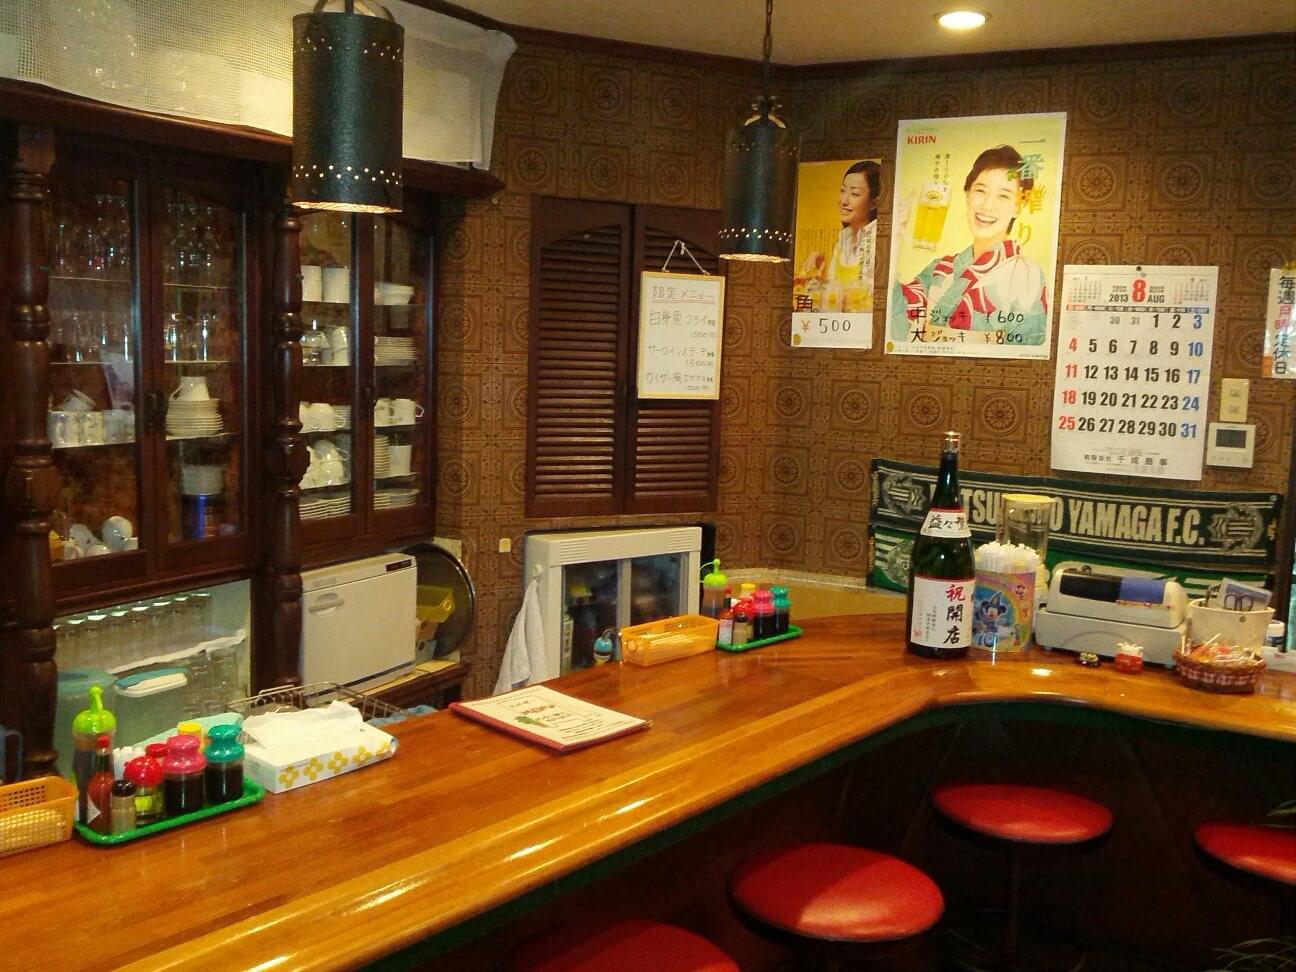 「黒部ダムカレー」をご存知ですか?!長野県大町市のご当地カレーを食べることができるお店3選